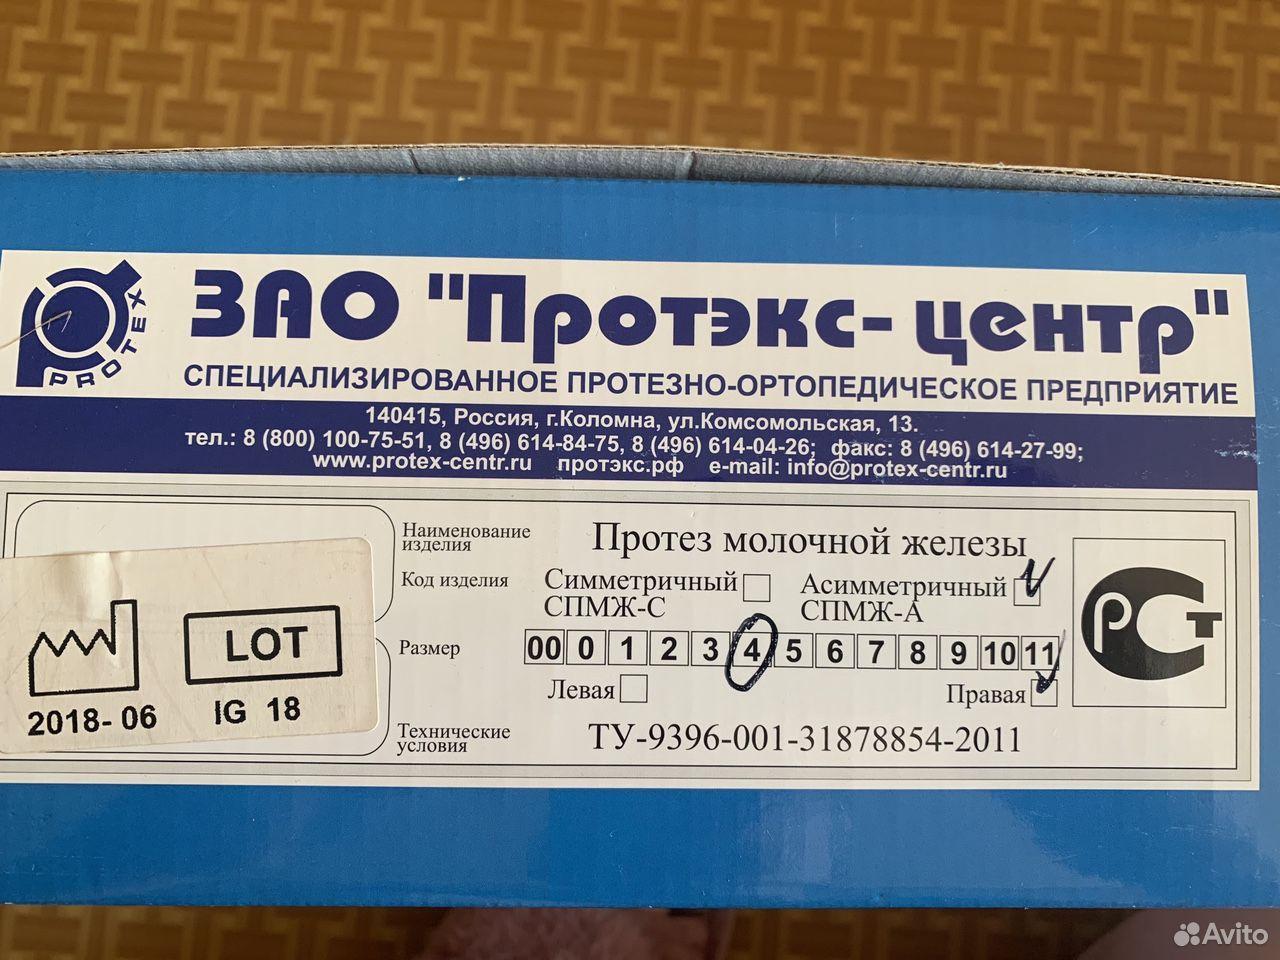 Протез молочный железы  89099069277 купить 4